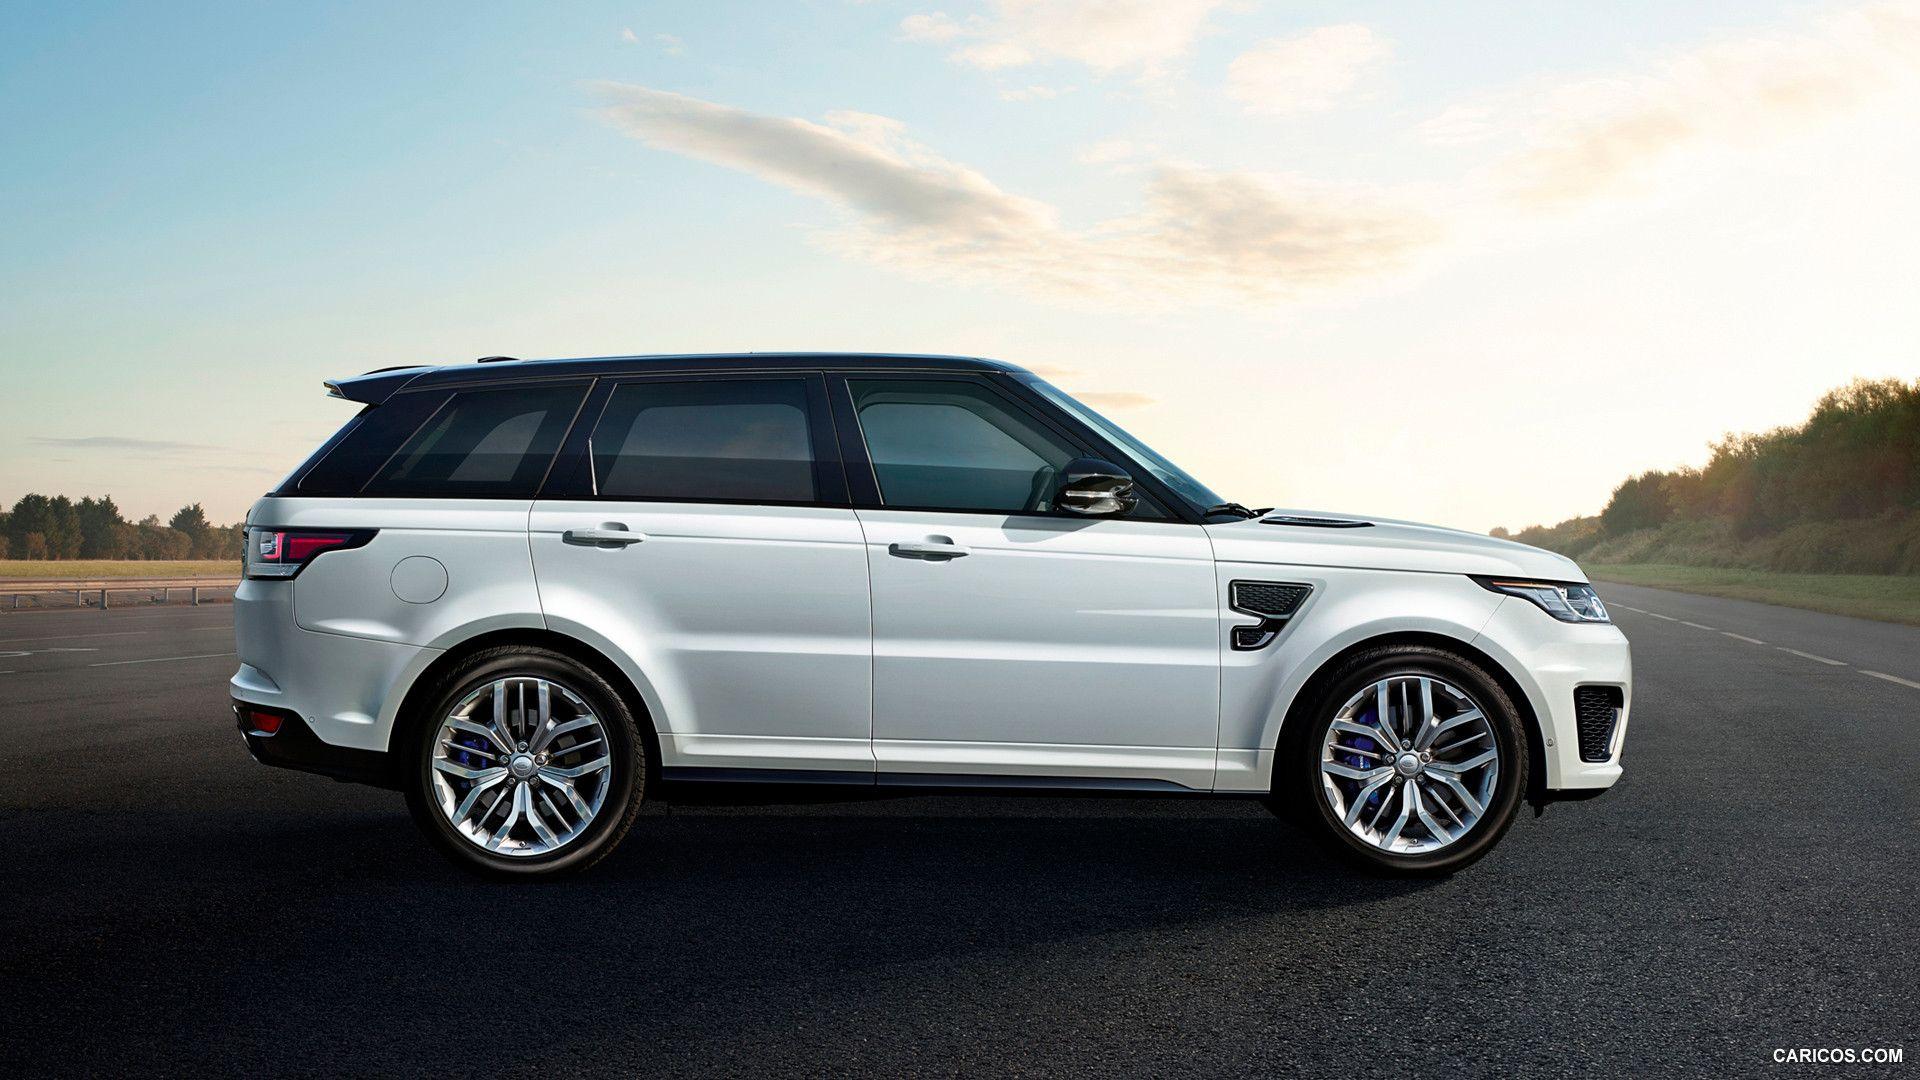 2015 range rover 2015 Range Rover Sport SVR (White